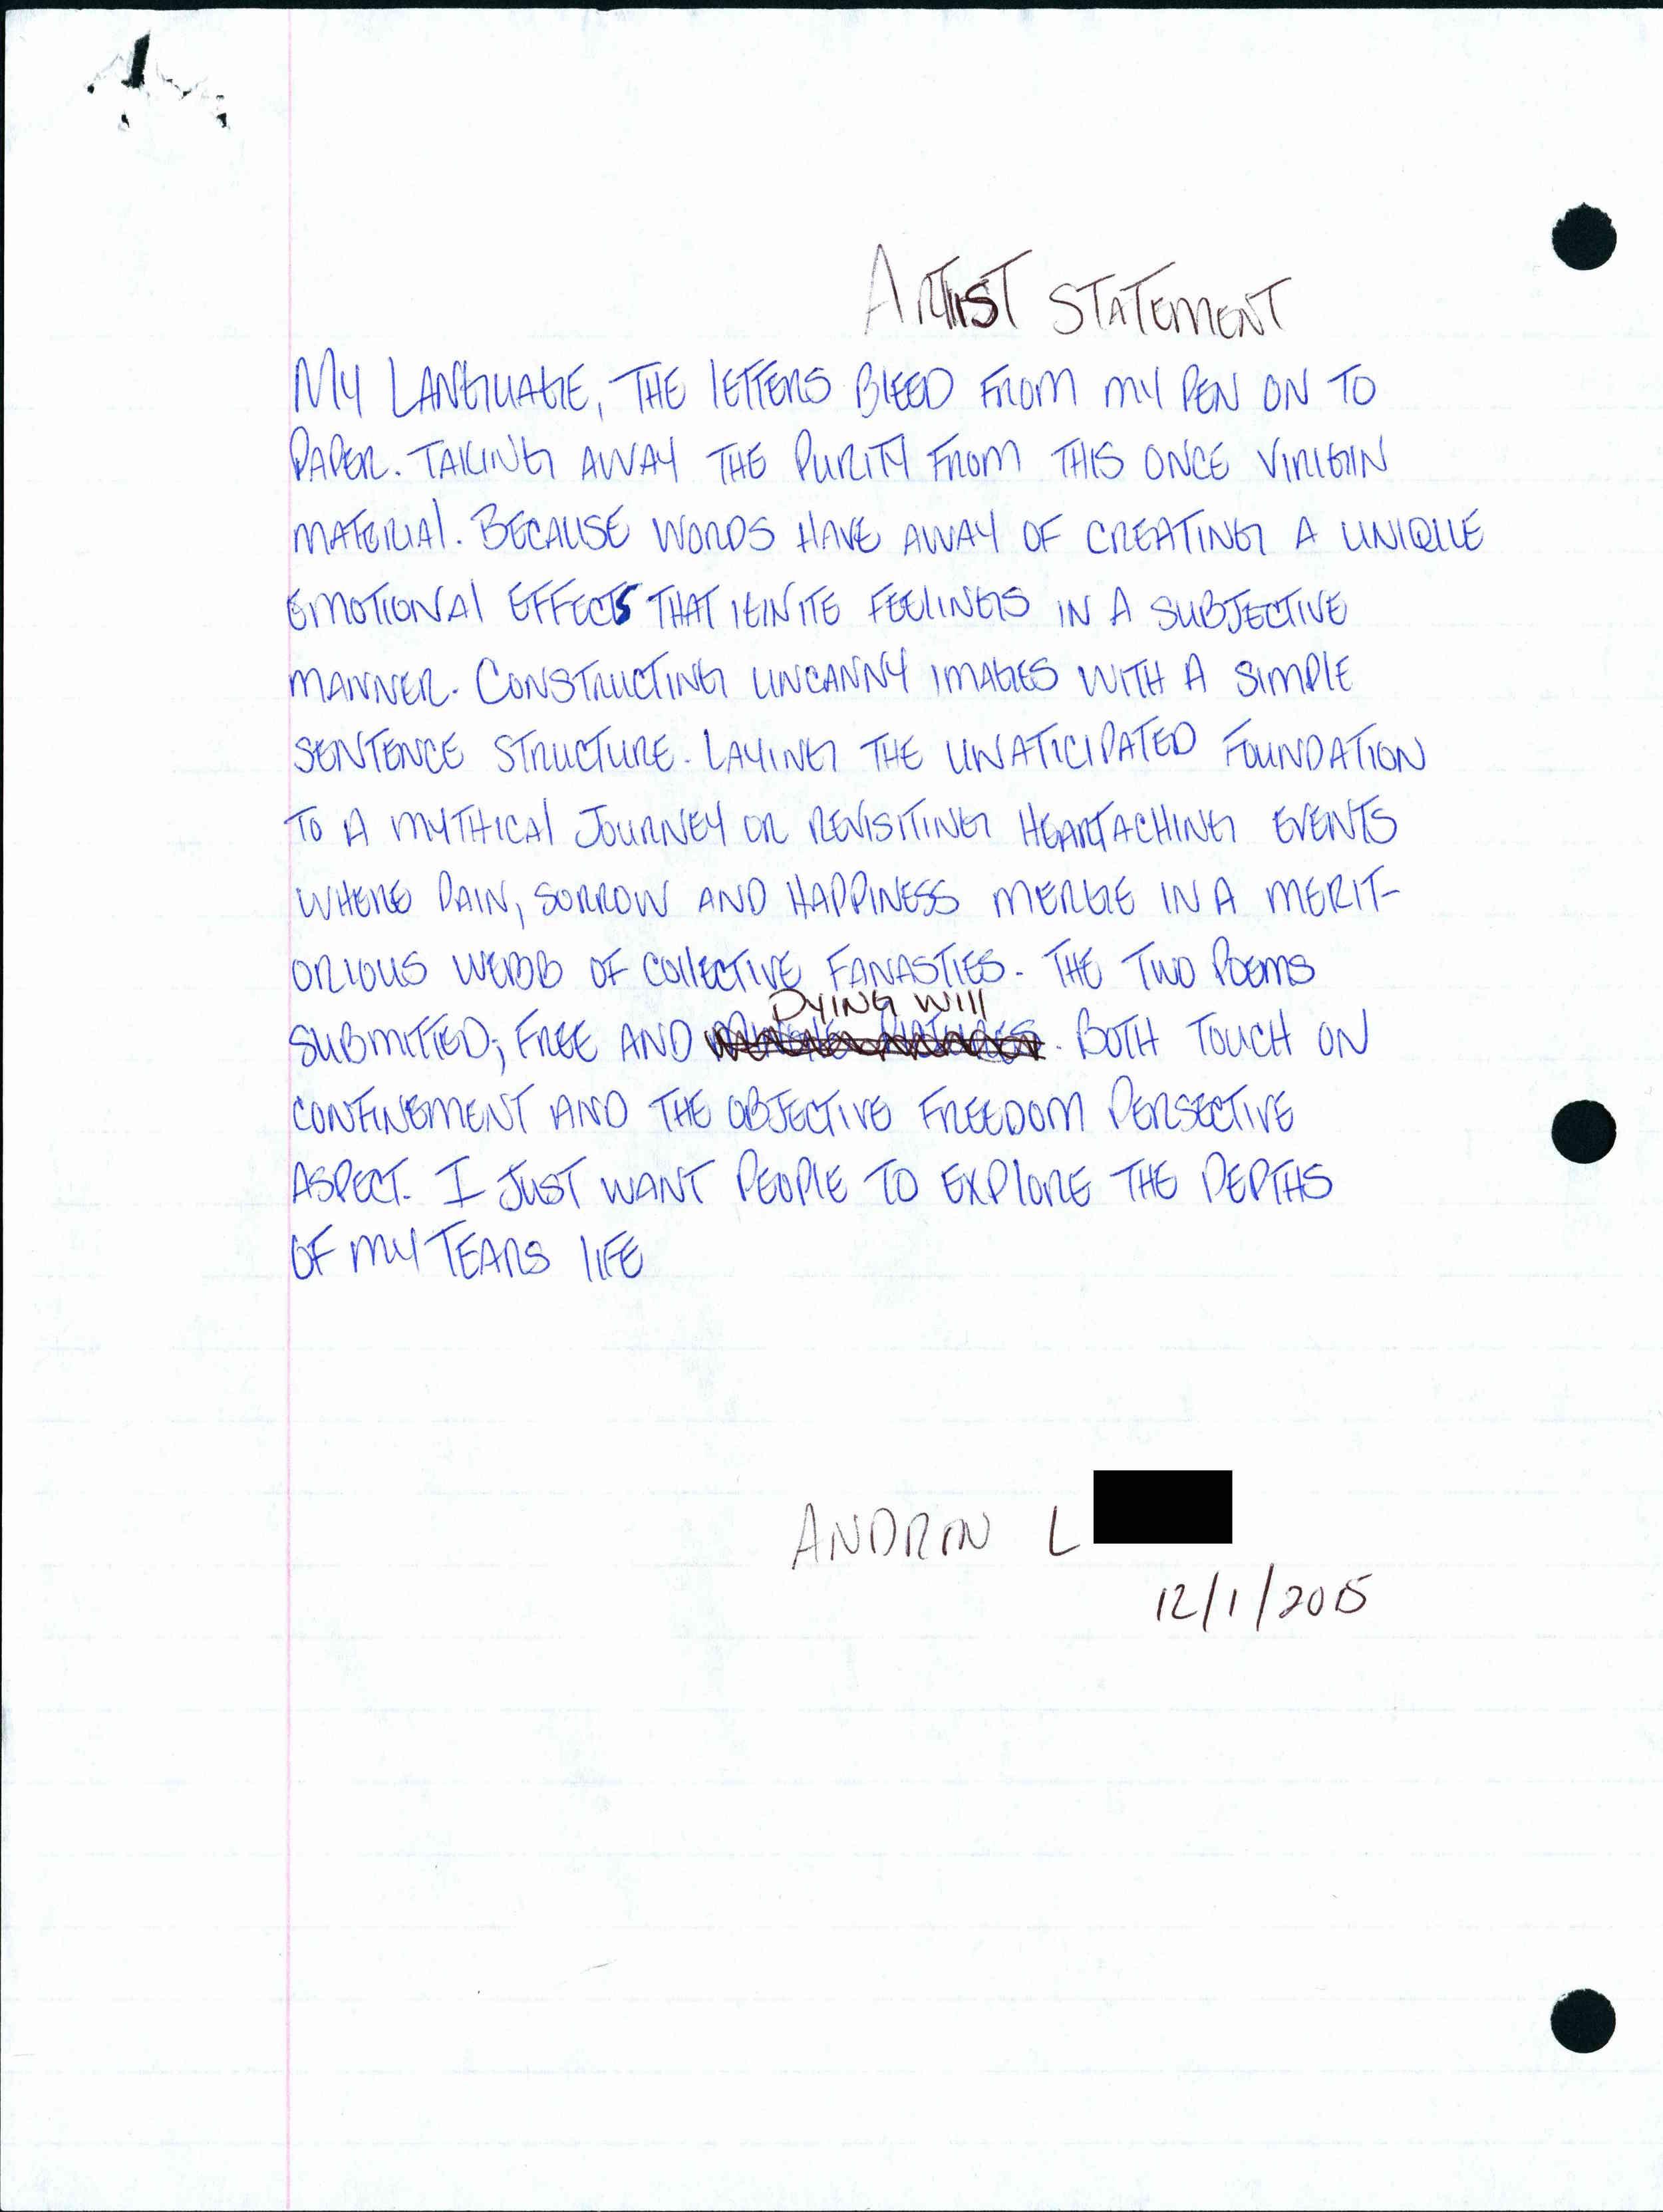 Andron L - Artist Statement.jpg